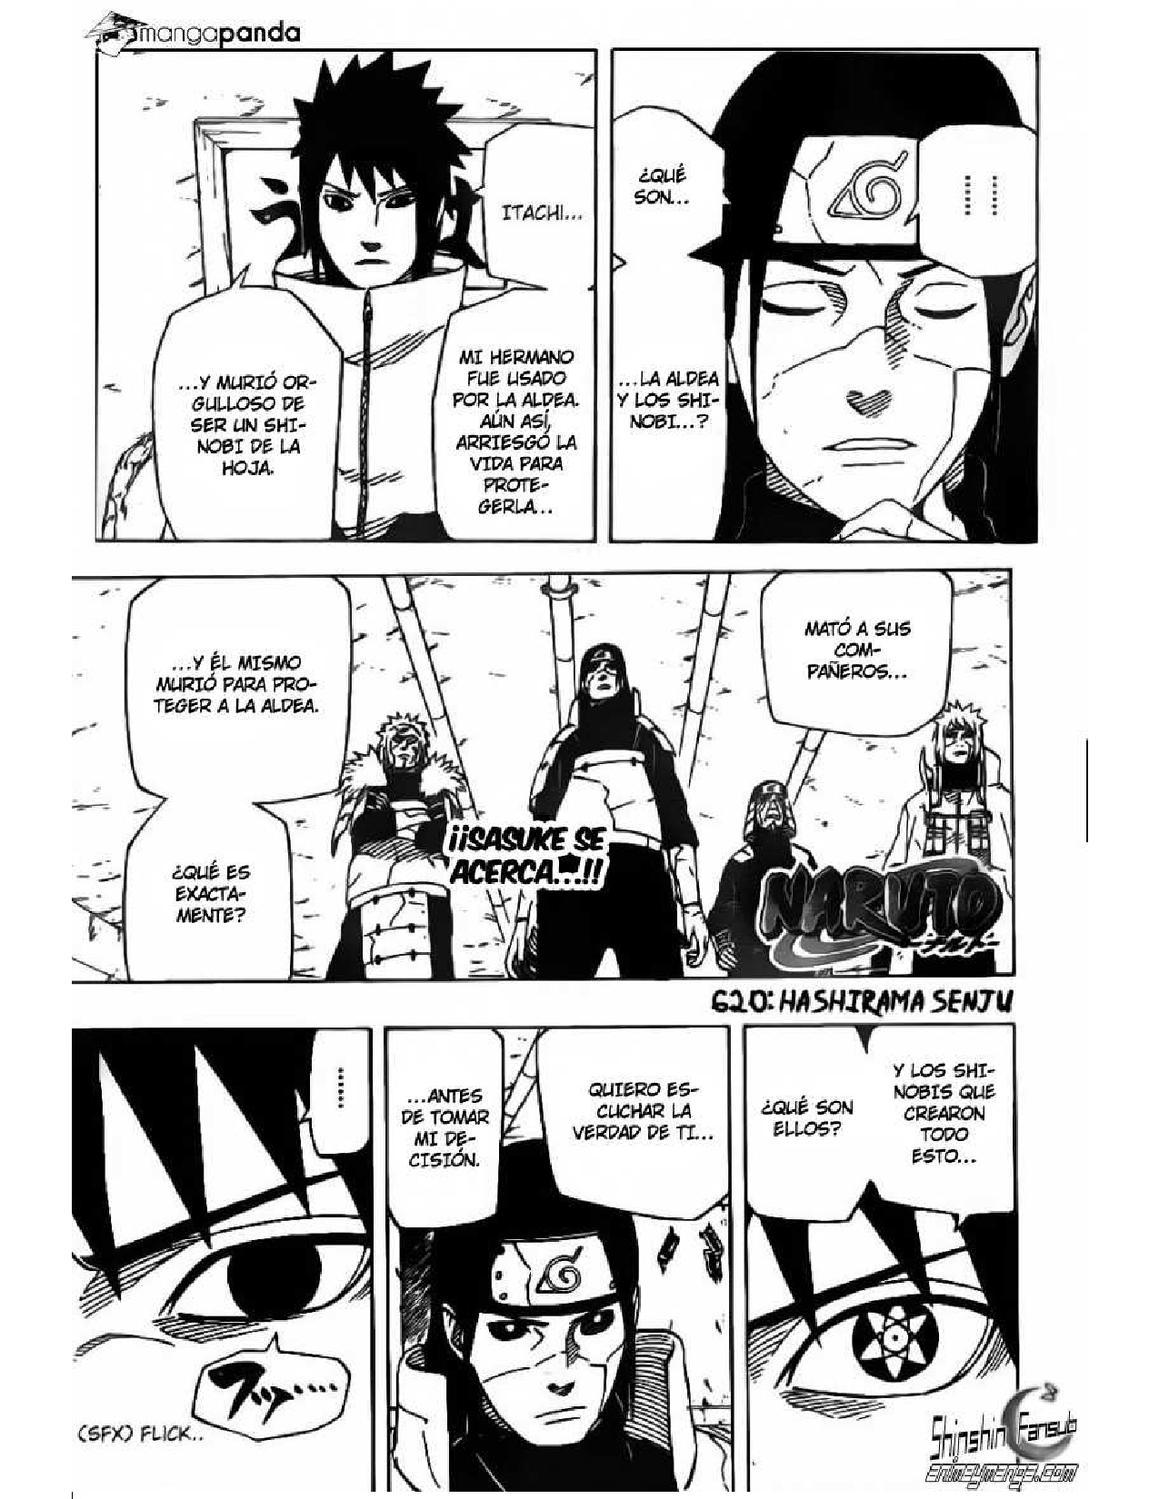 naruto shippuden manga 620